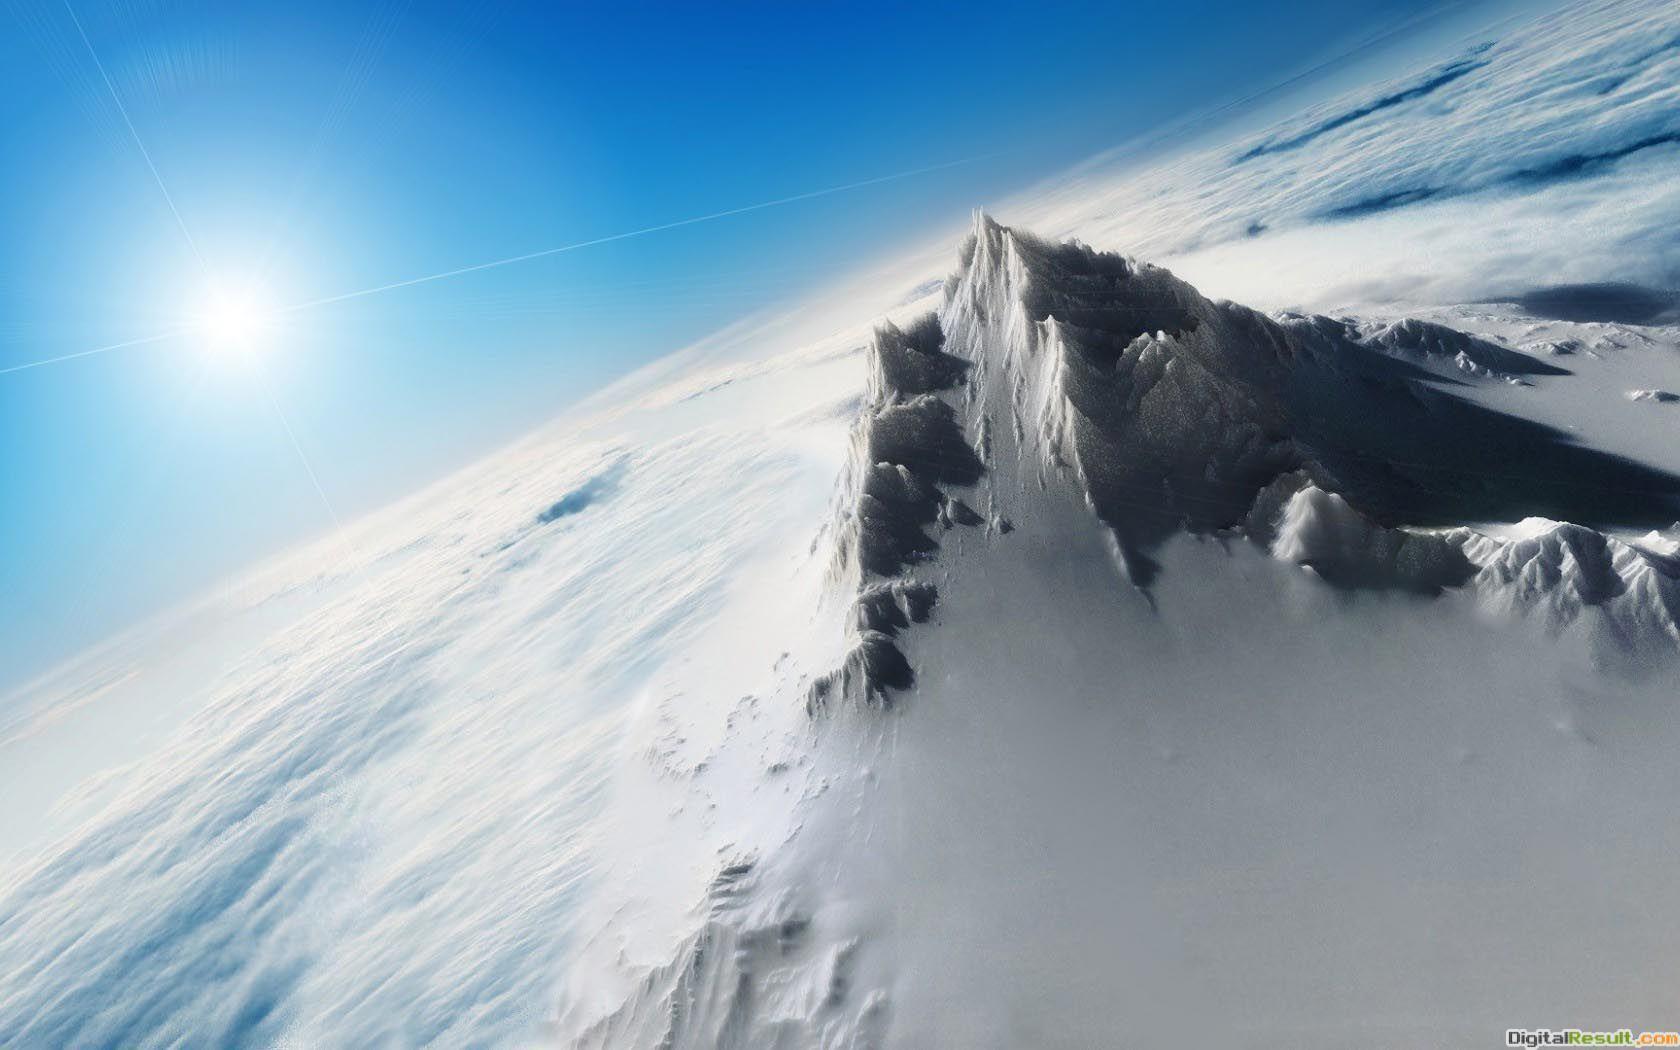 8k Mountain Peak Wallpapers Top Free 8k Mountain Peak Backgrounds Wallpaperaccess